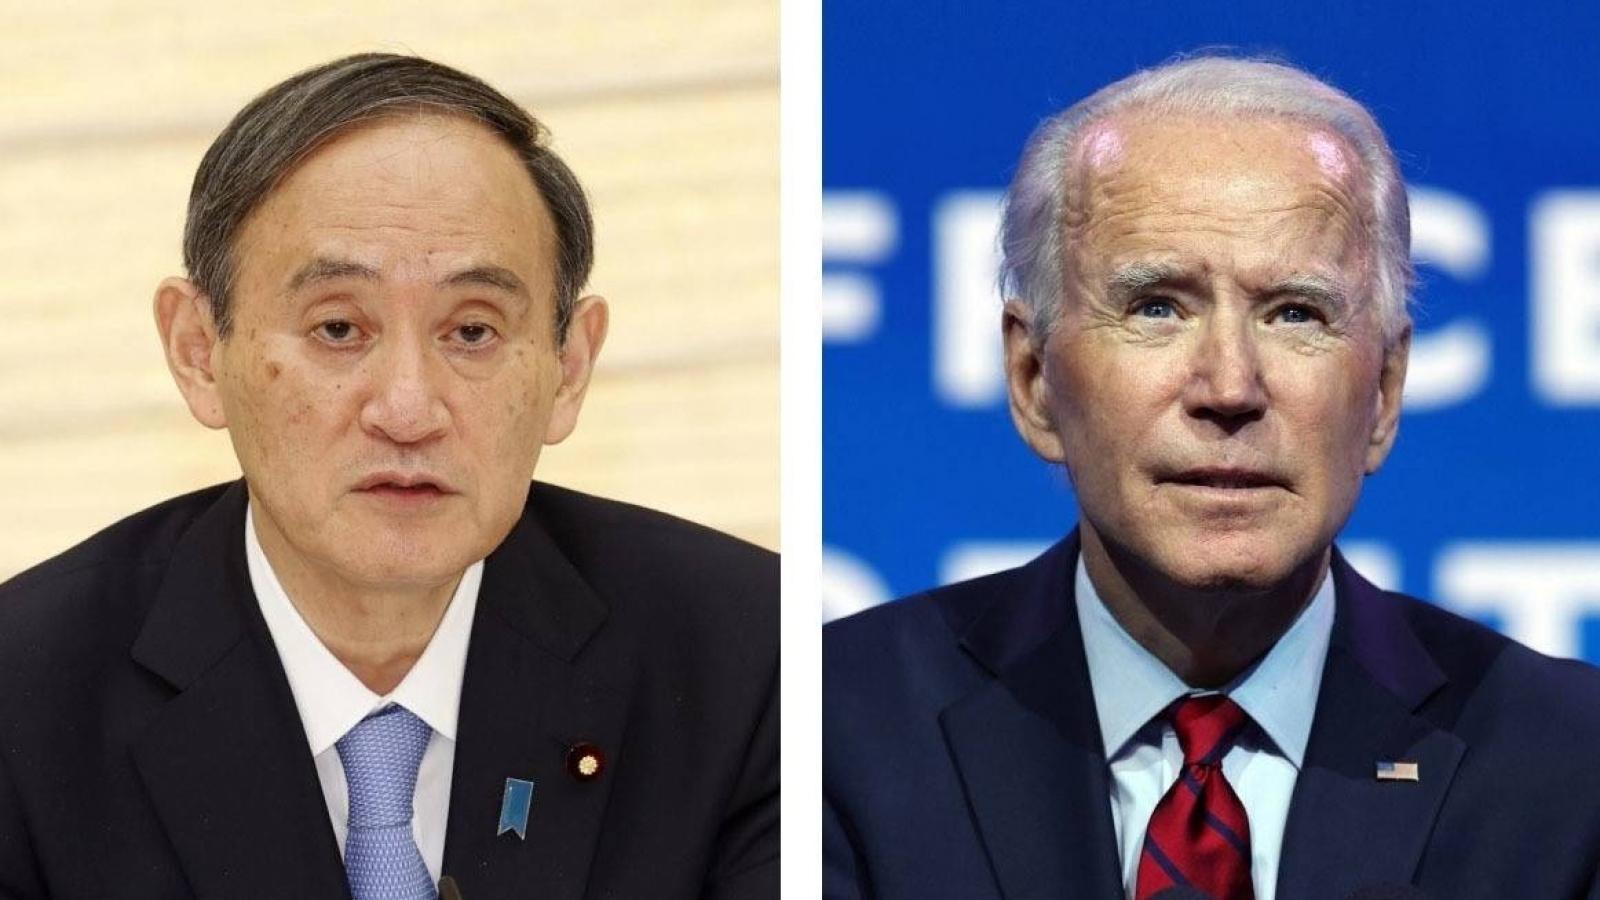 Thủ tướng Nhật Bản sẽ lần đầu tiên gặp Tổng thống Mỹ Biden vào ngày 16/4